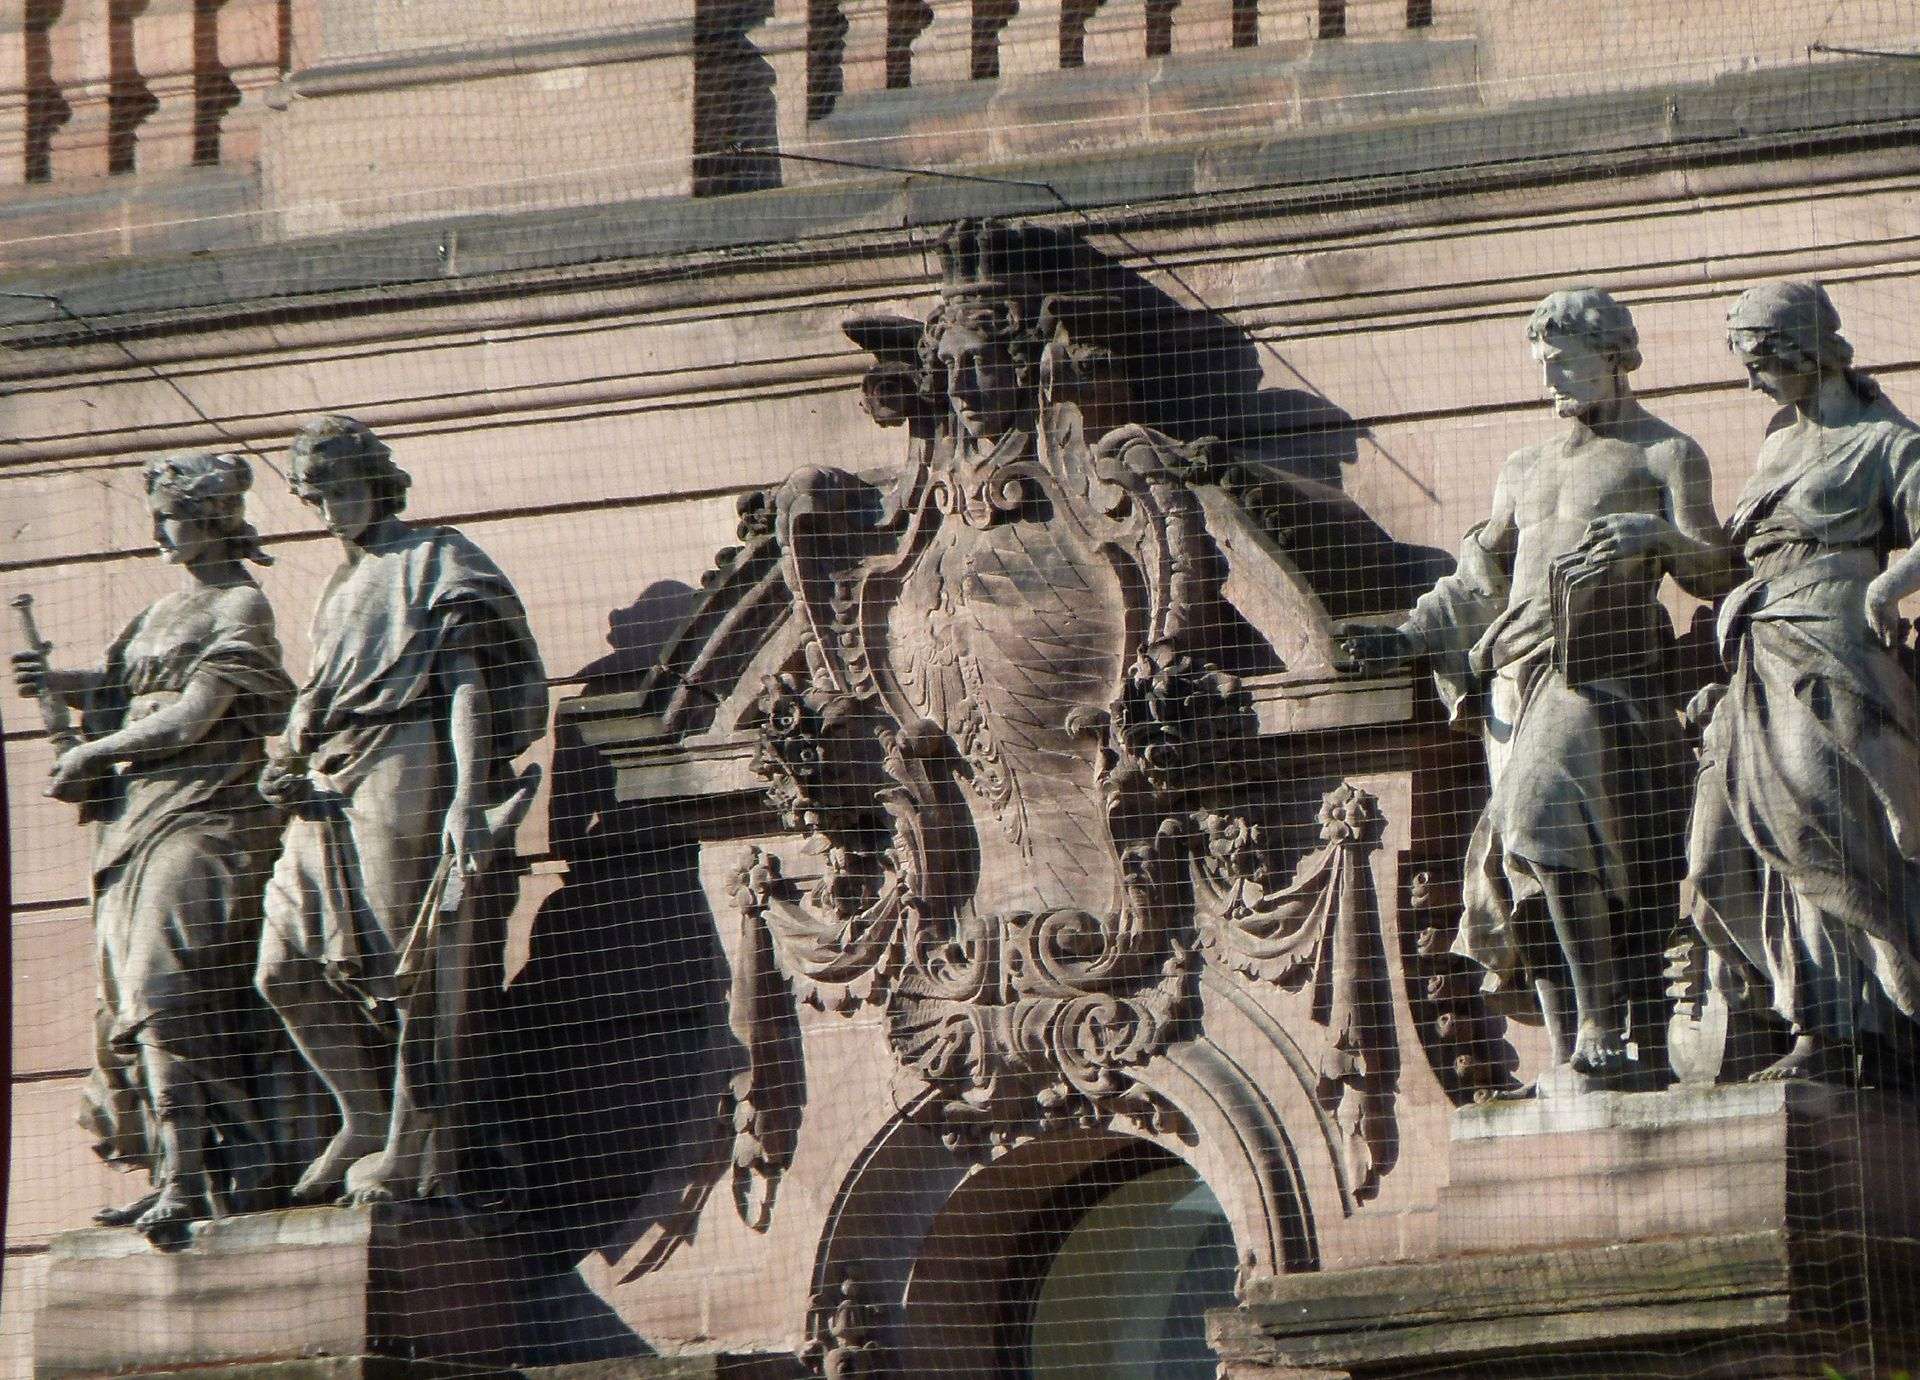 ehem. Bayerische Landesgewerbeanstalt Haupteingangsfassade, NO, Attika vom Haupteingang mit Allegorien